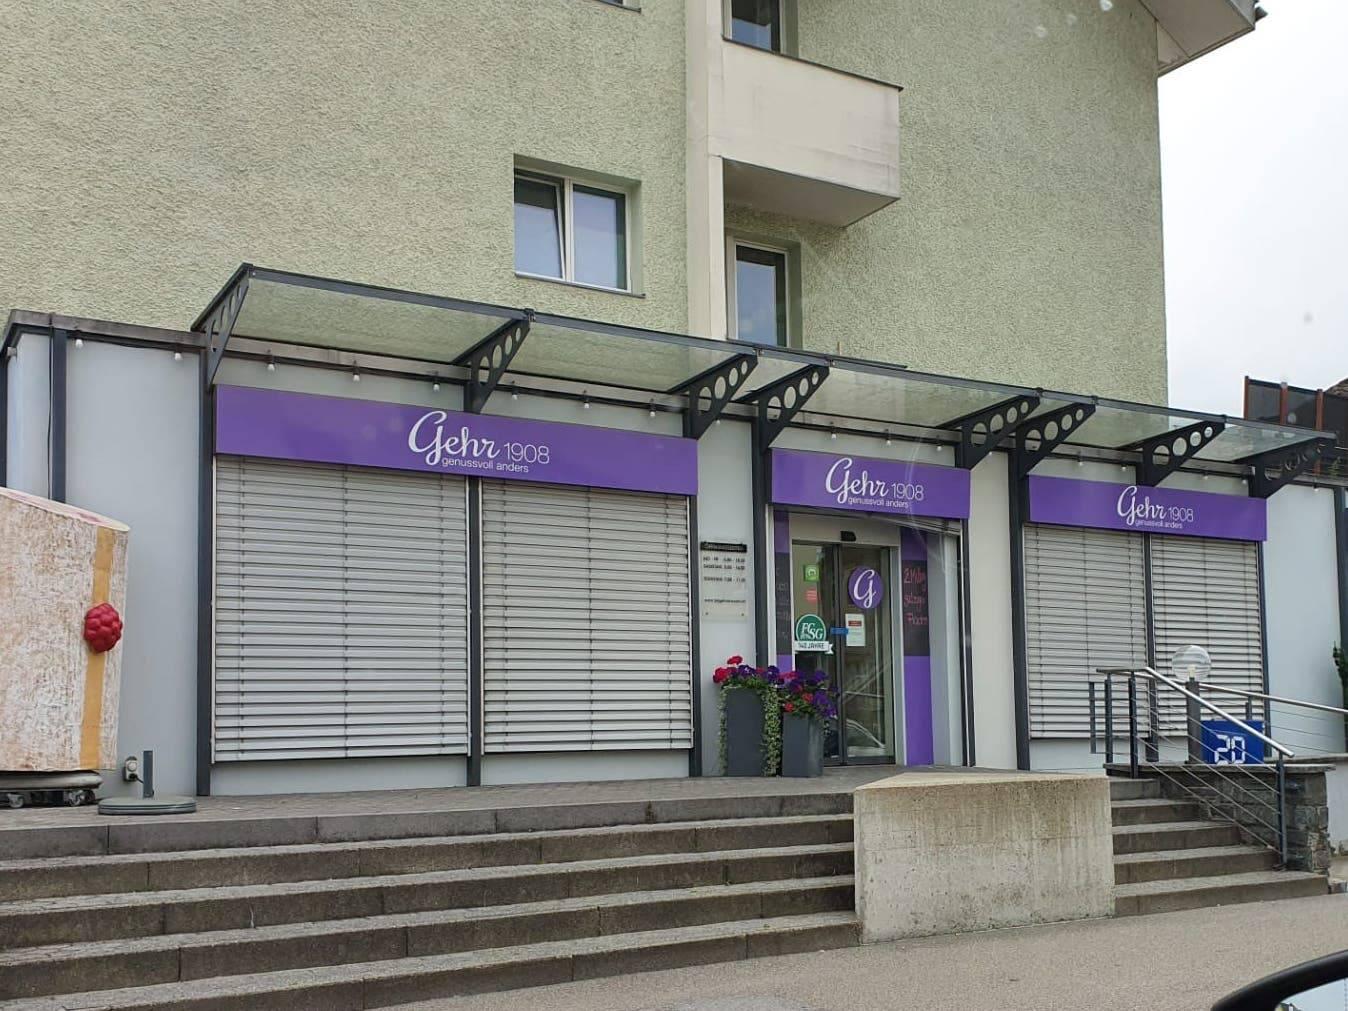 Verschlossene Rollläden – alle sechs Filialen der Bäckerei Gehr sind geschlossen.